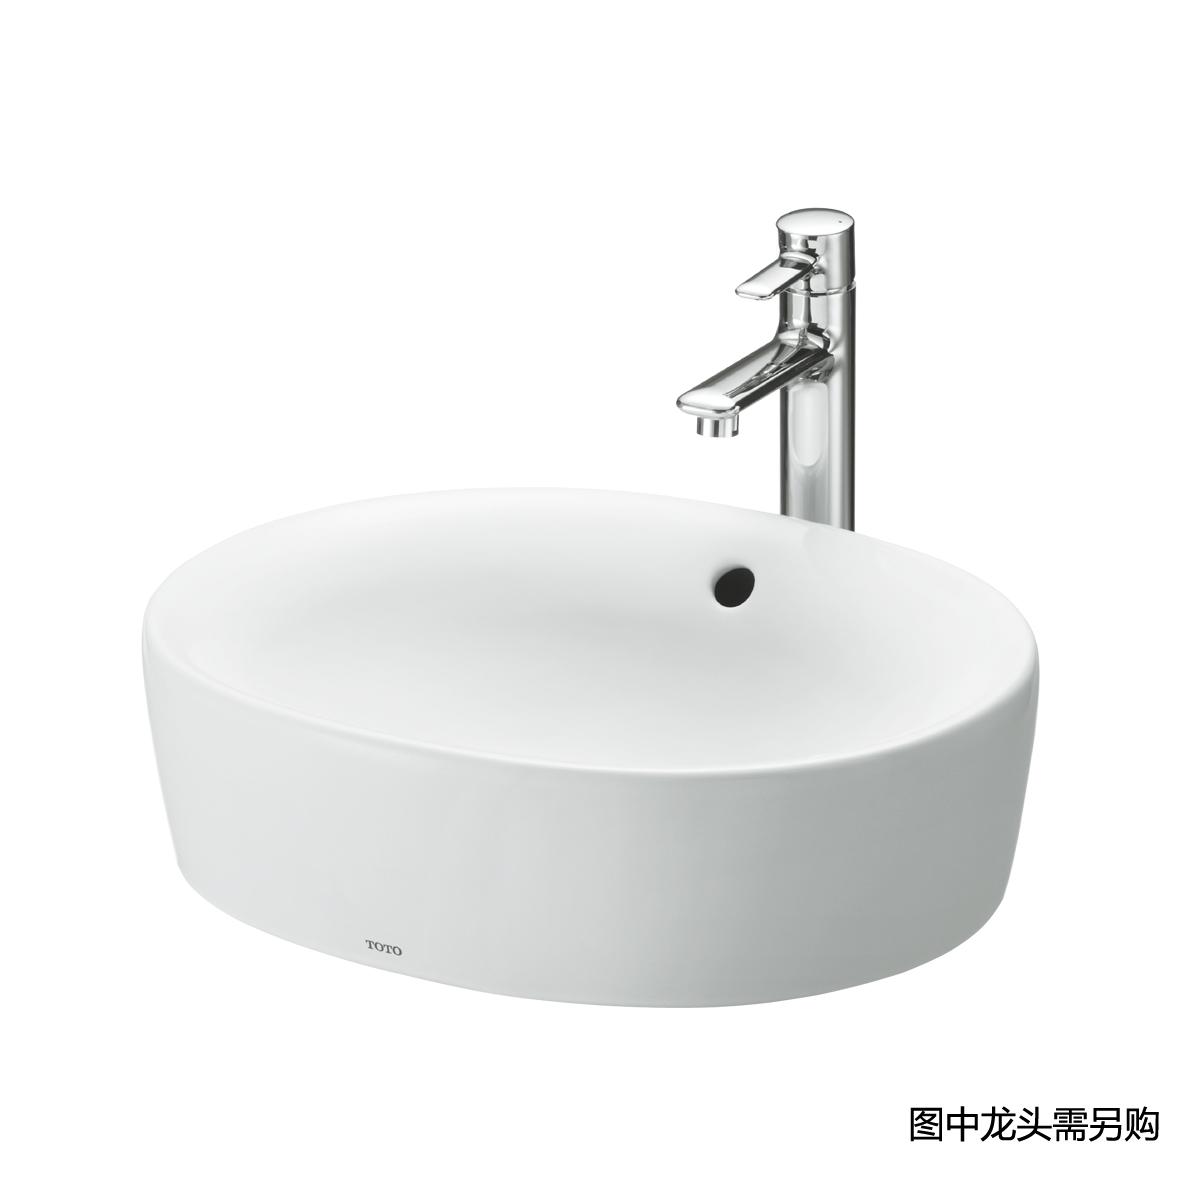 桌上式洗脸盆LW760LB